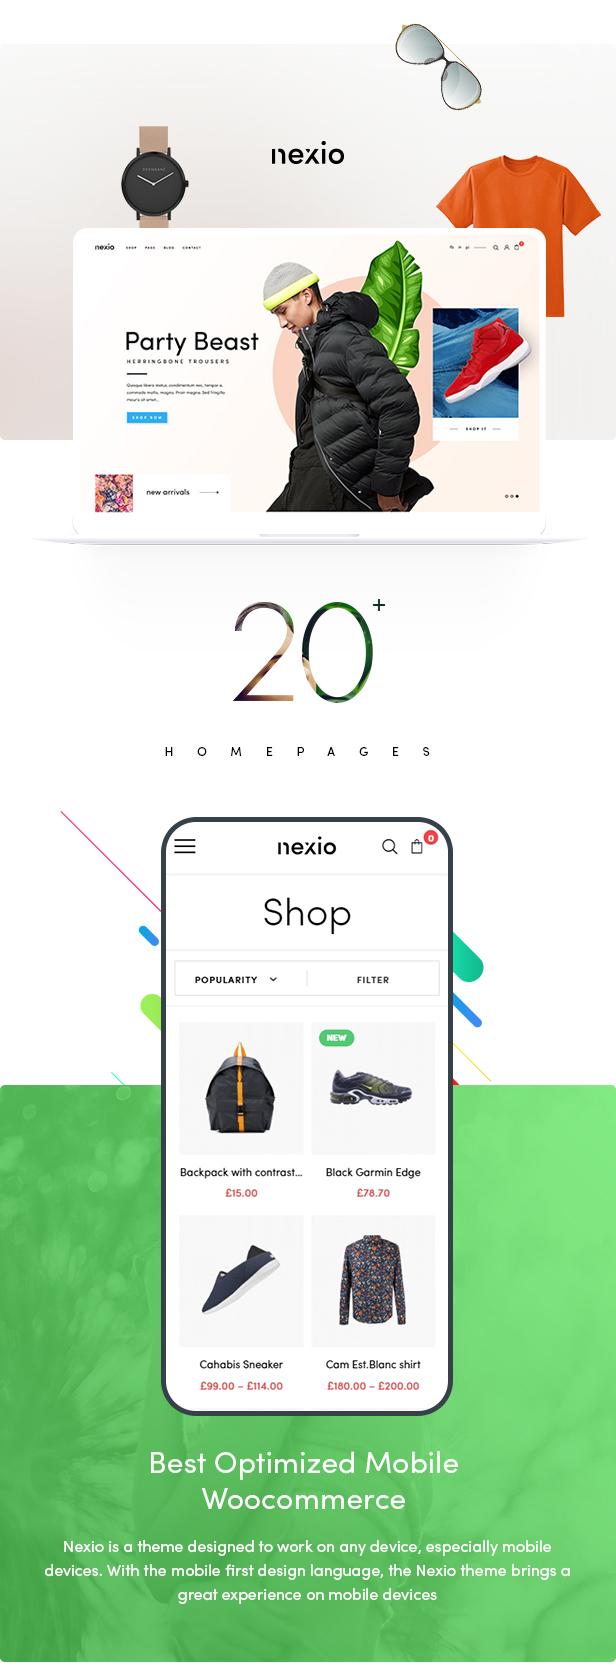 WordPress主题Nexio v1.0.7 时尚服装WooCommerce商店主题